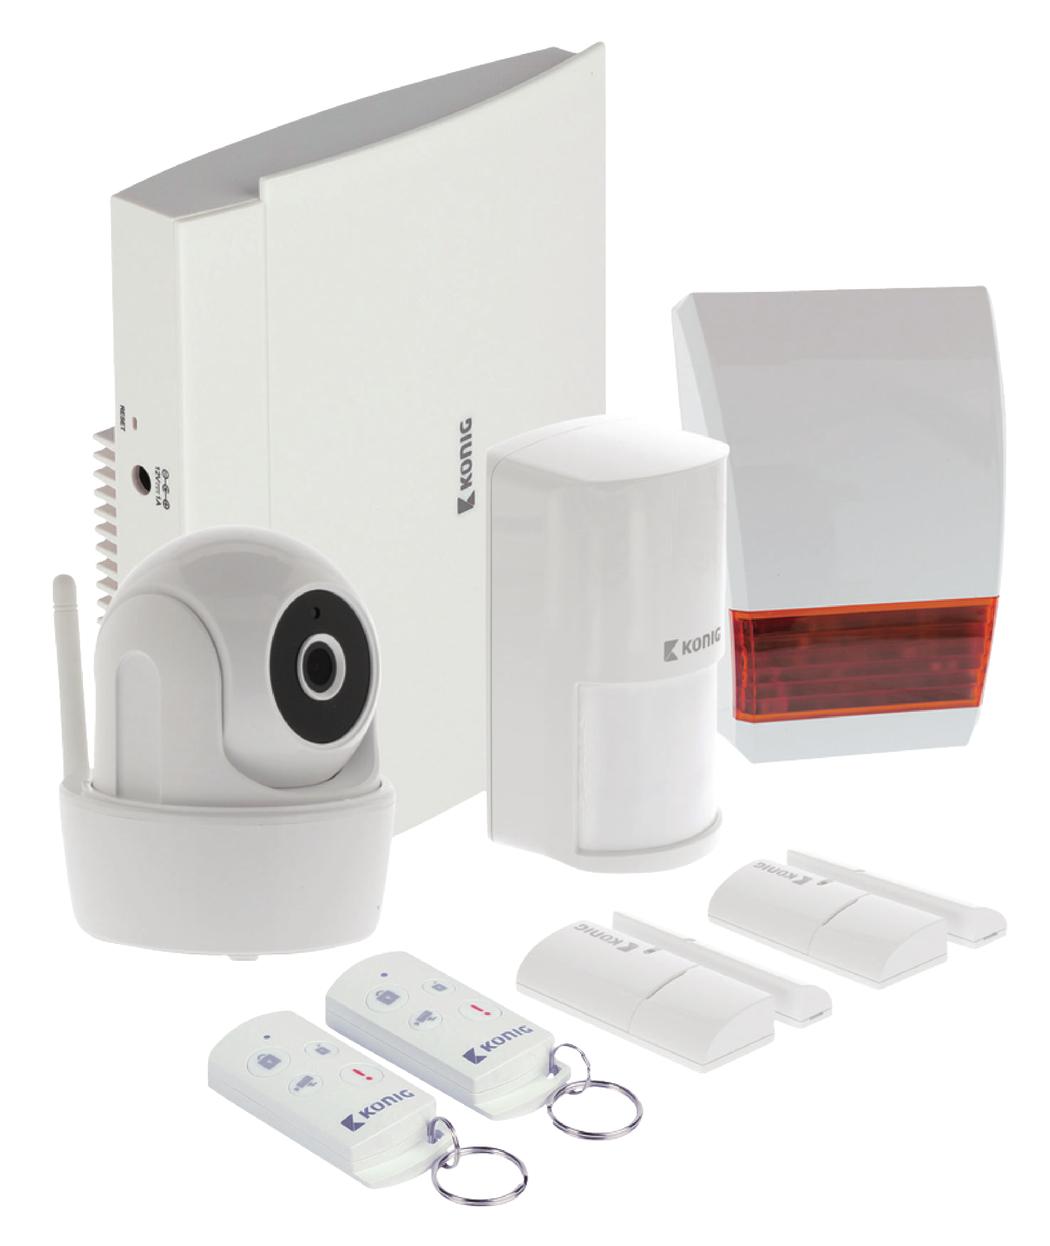 Smart home beveiligingsset